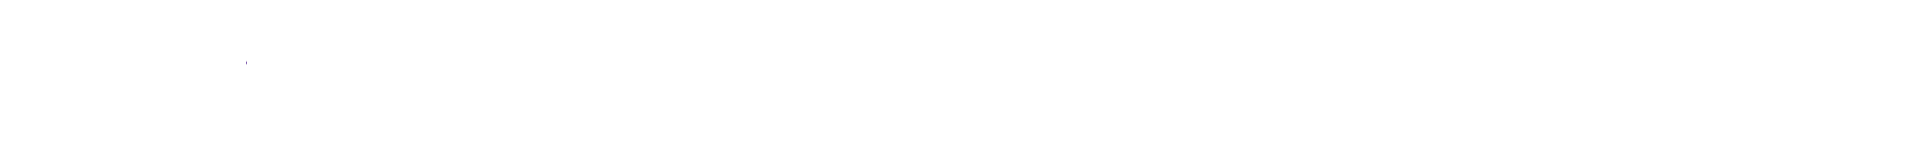 威海瑞迪机电设备有限公司